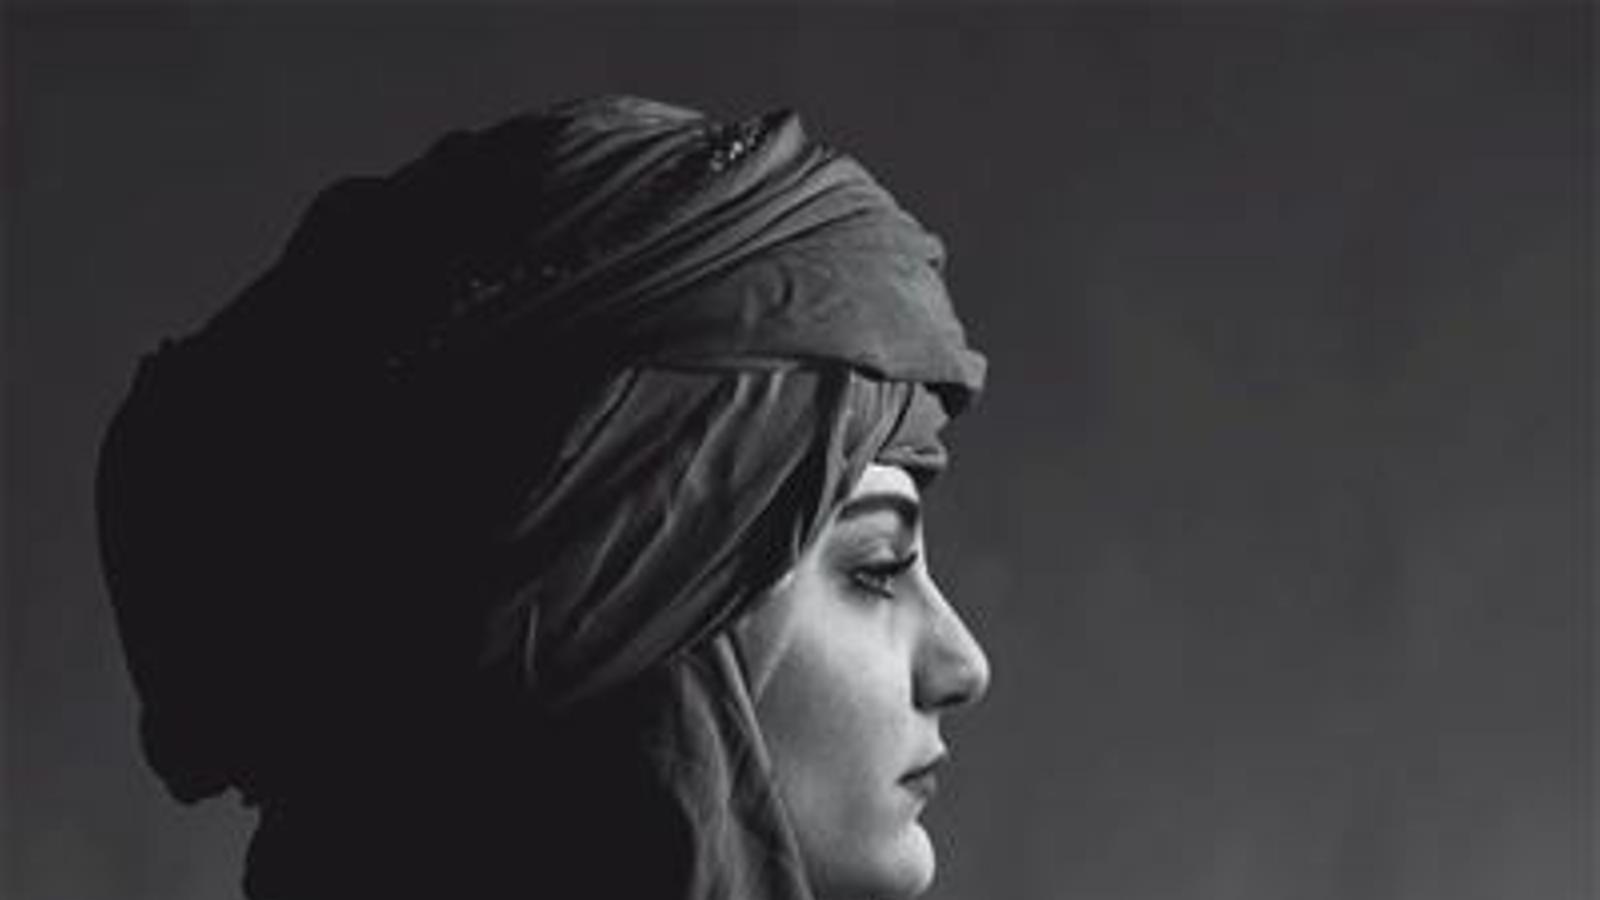 Una productora francesa adaptarà al cinema  'El secret del meu turbant', de Nadia Ghulam i Agnès Rotger